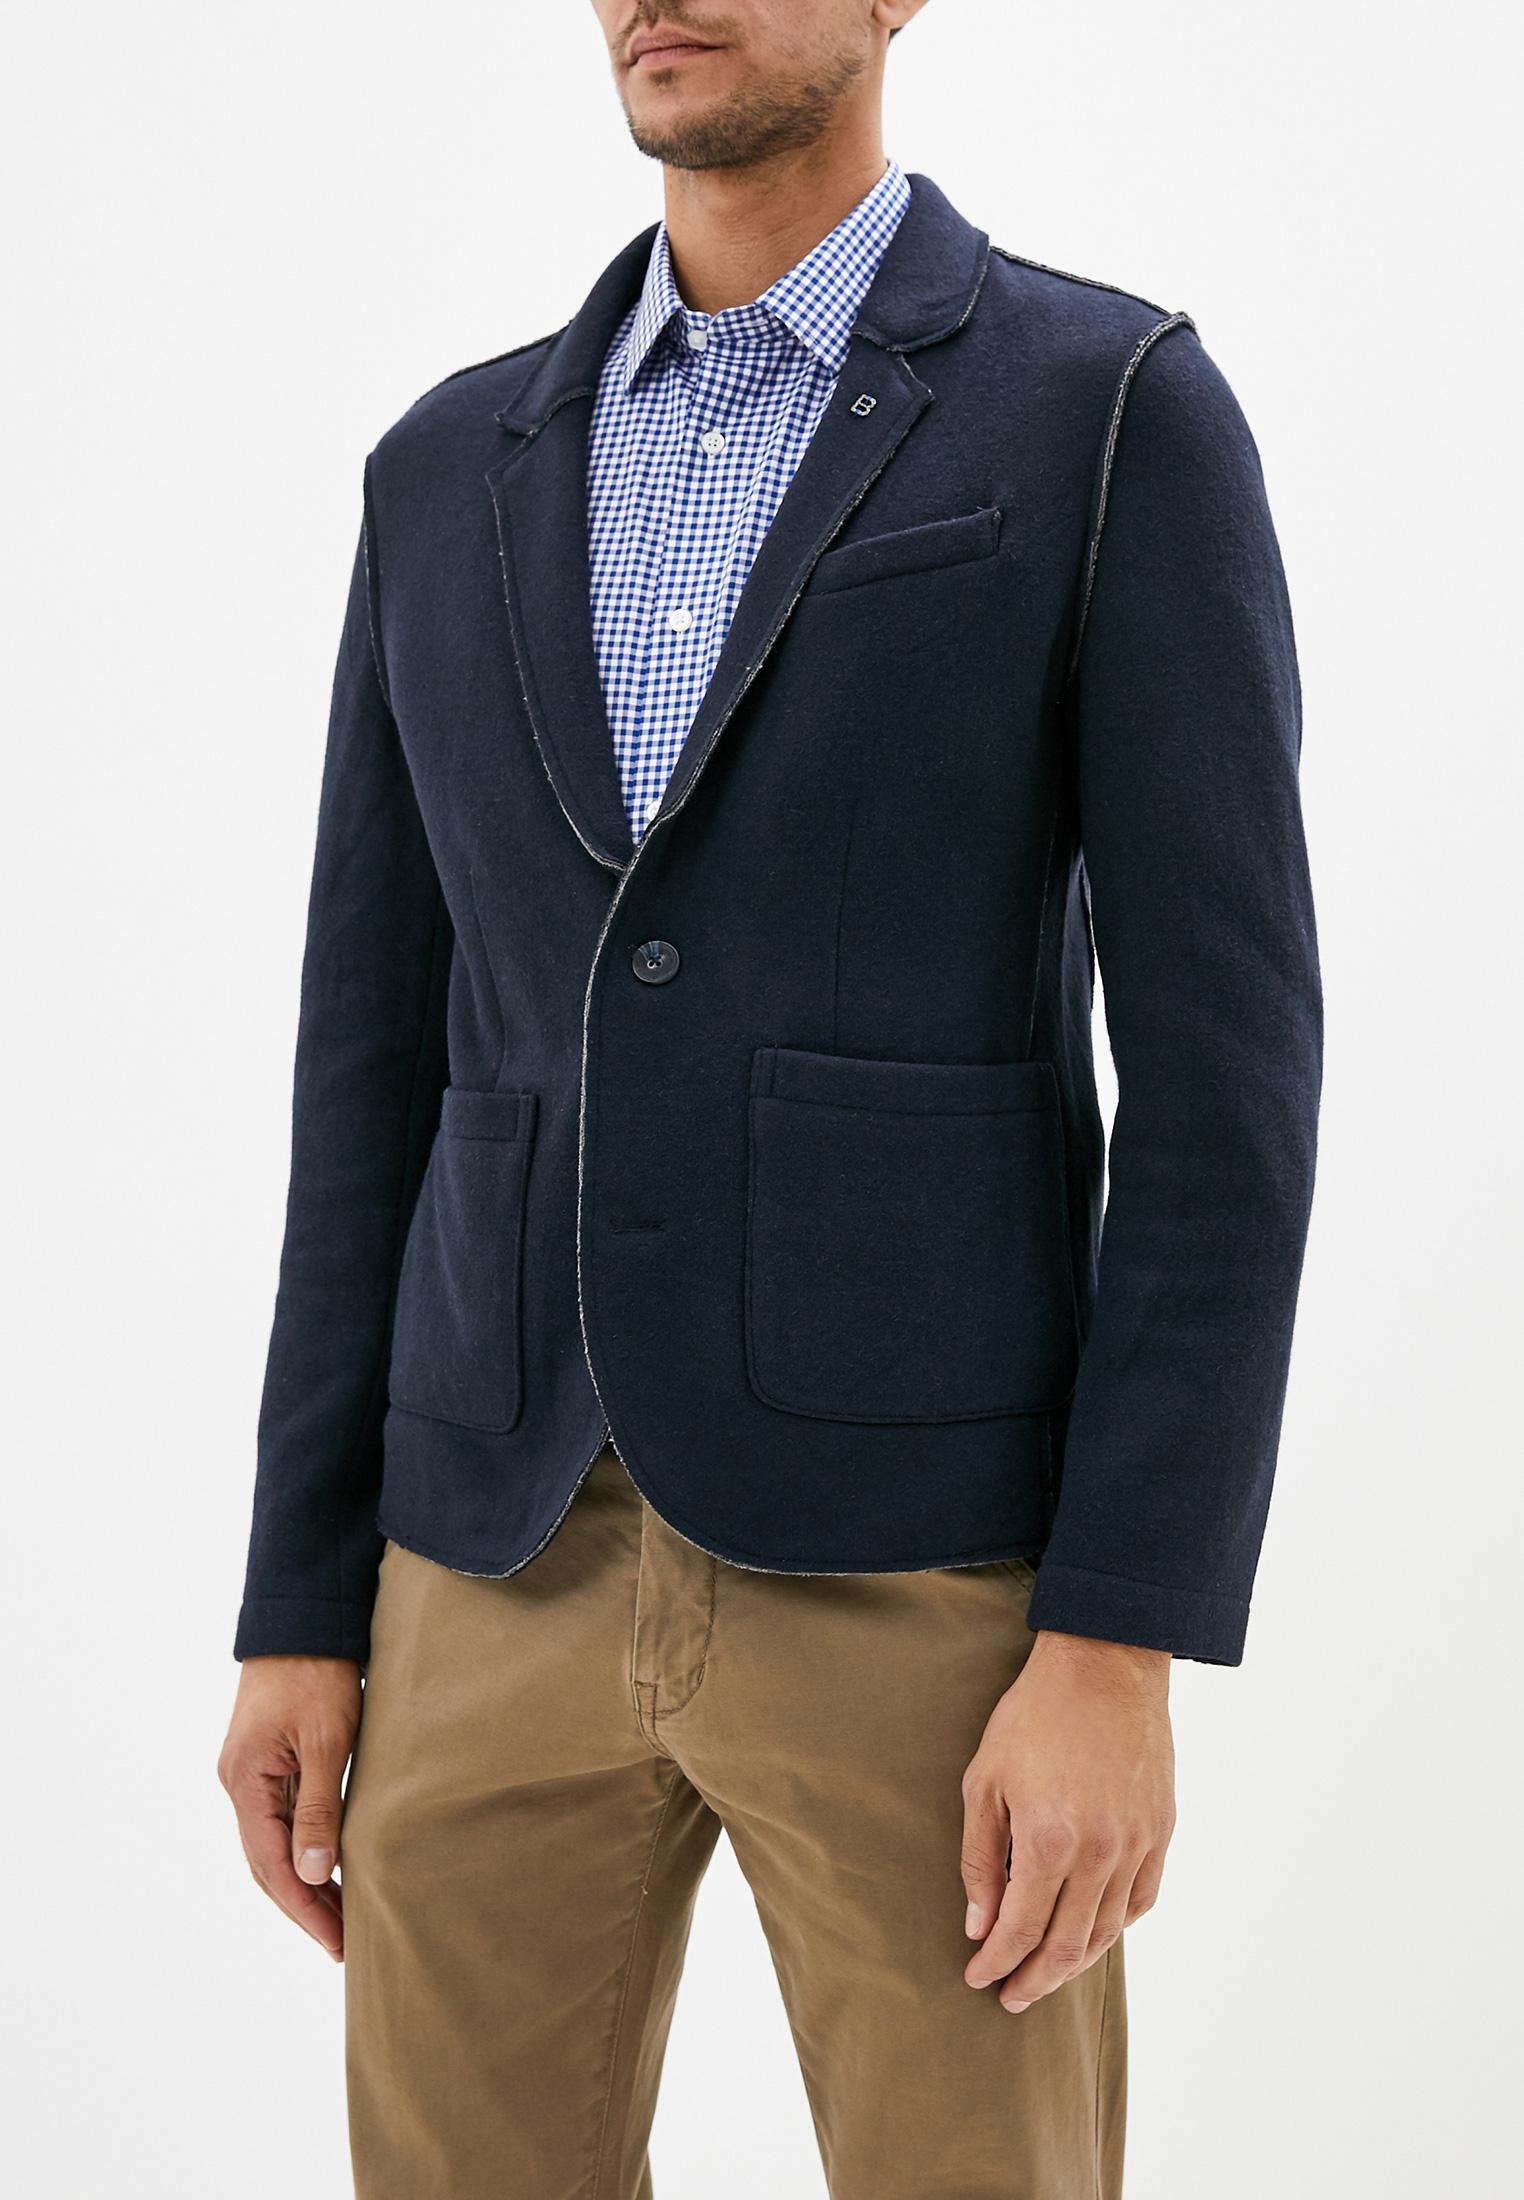 Чем отличается пиджак от жакета — разница между жакетом и пиджаком | жакет — что это такое. полное определение, разновидности и характеристики